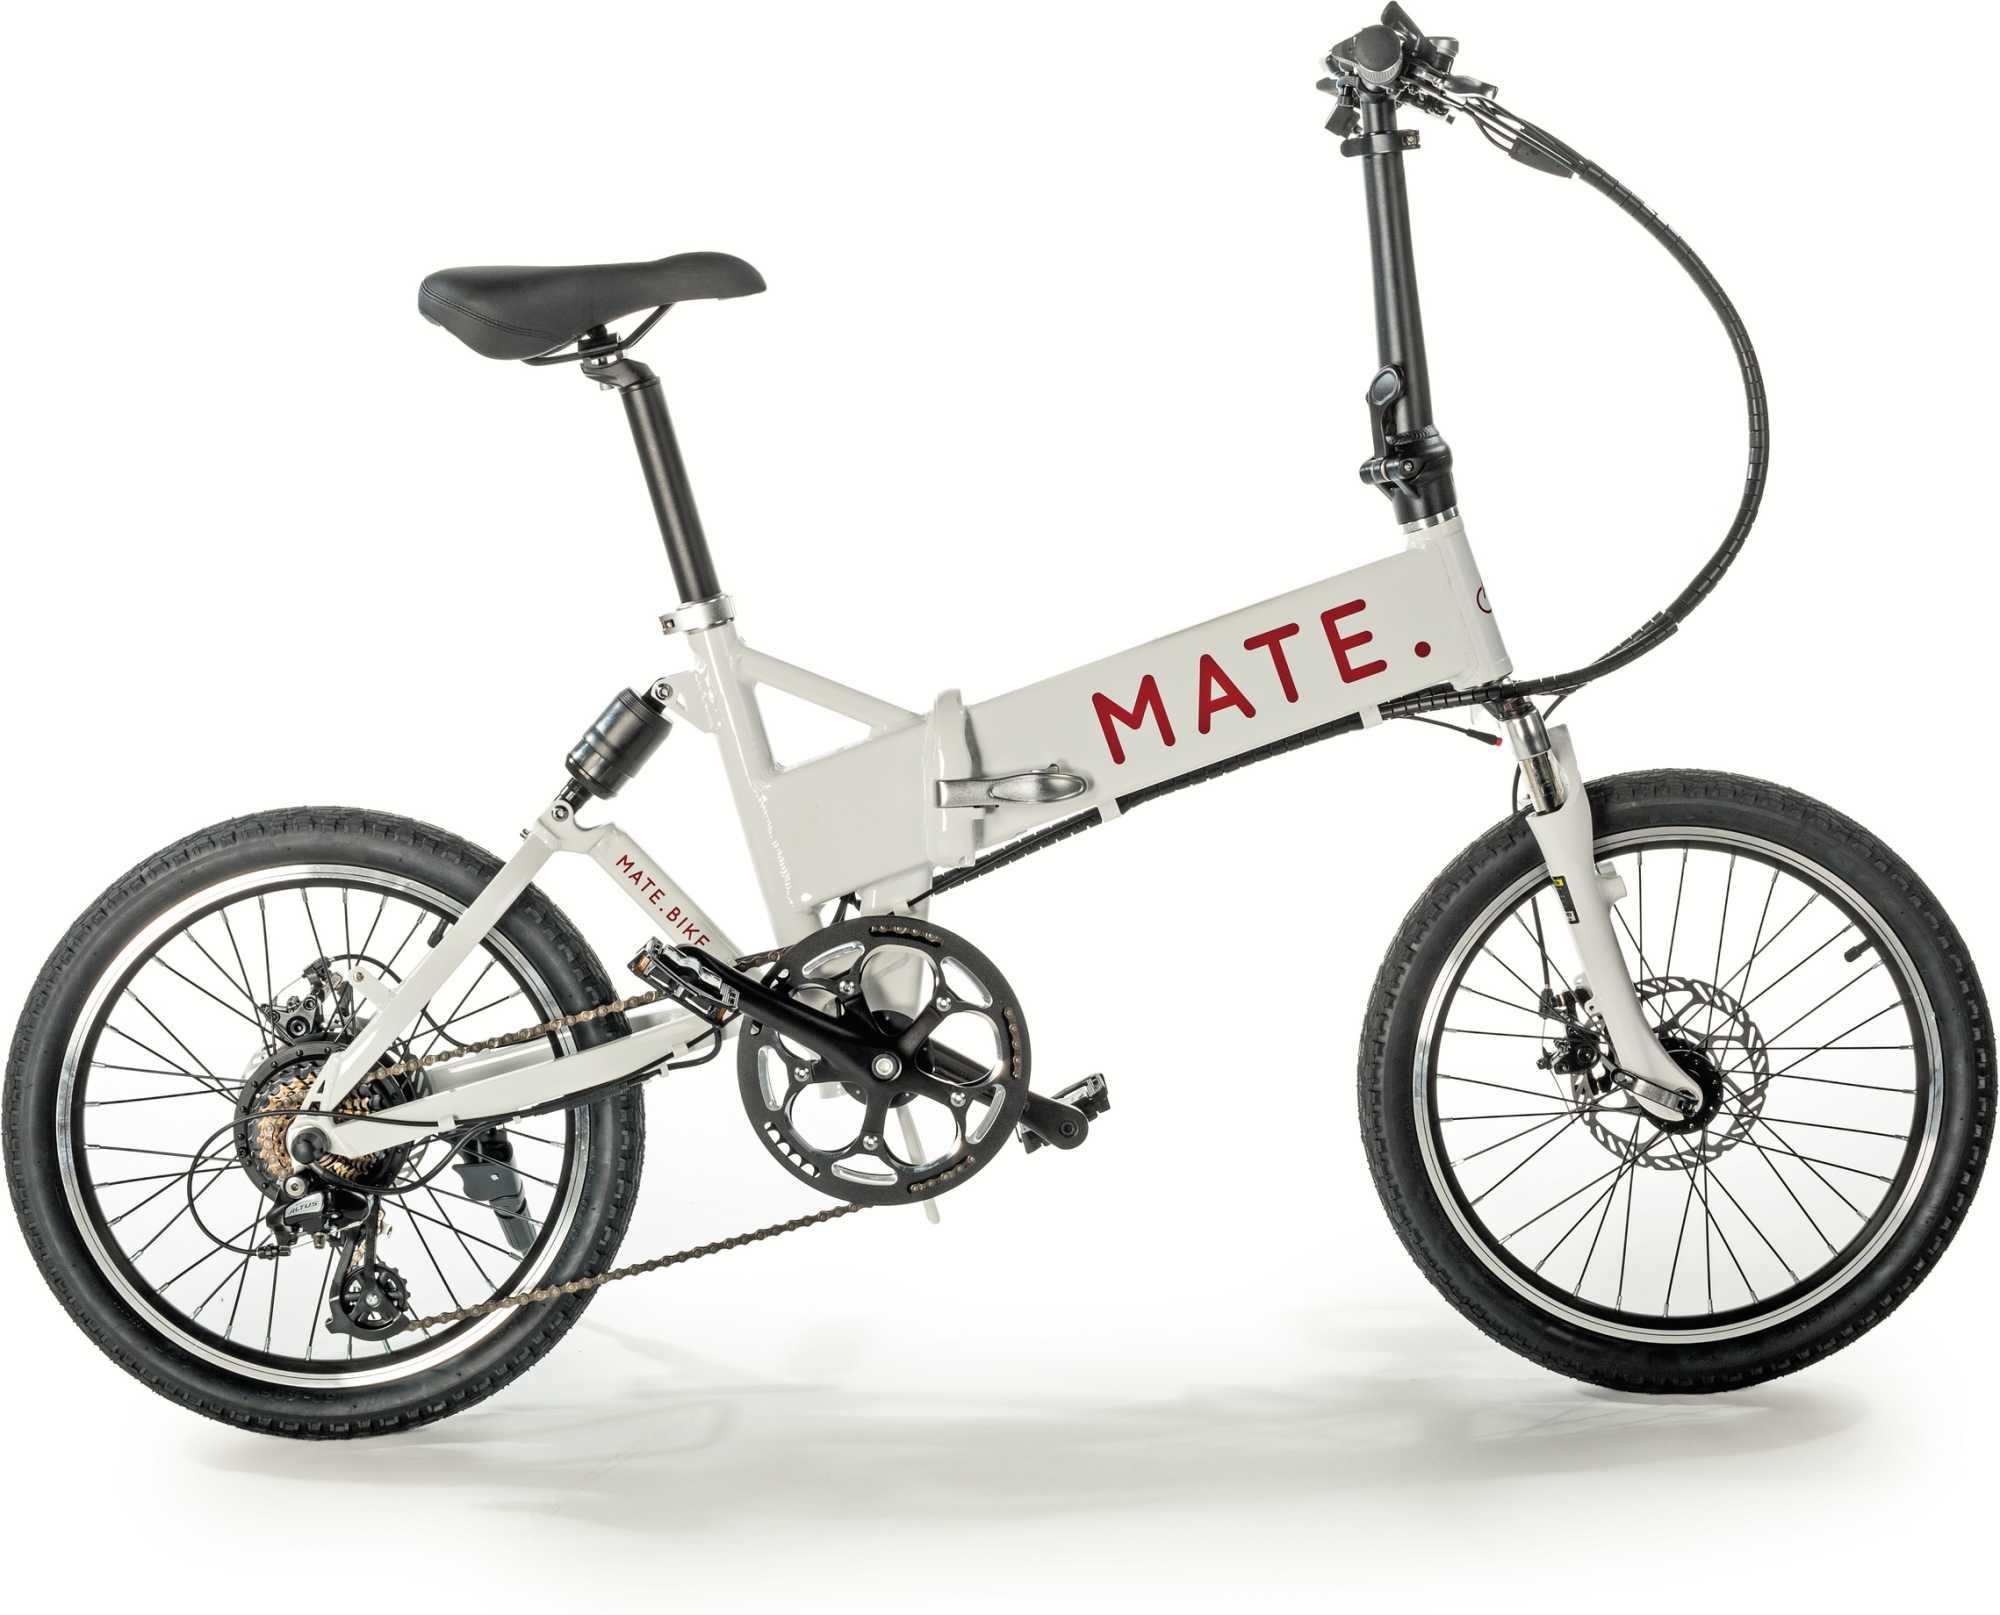 E-Motoren erobern nach und nach alle erdenklichen Fahrradtypen. Selbst penderfreundliche Klappfahrräder gibt es inzwischen mit elektronischer Unterstützung.